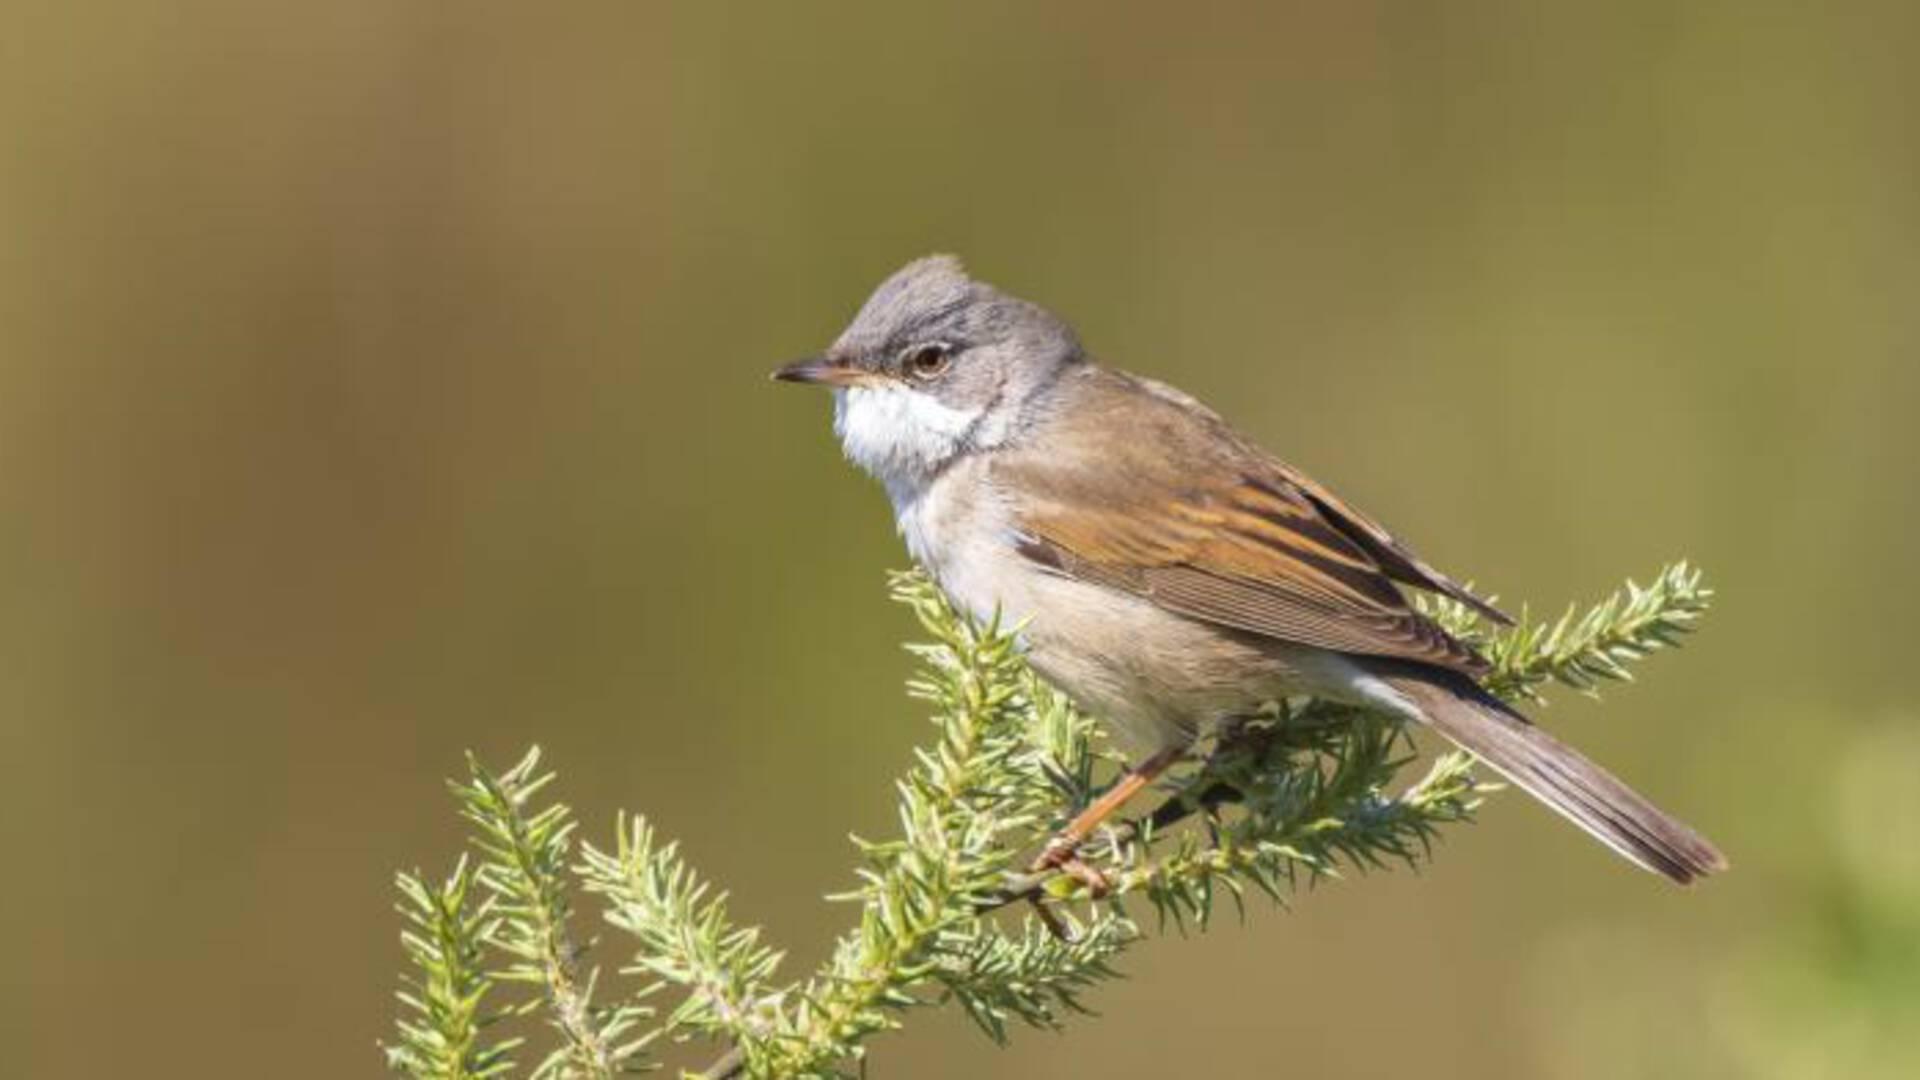 اكتشاف فايروس لأول مرة في الطيور في هولندا